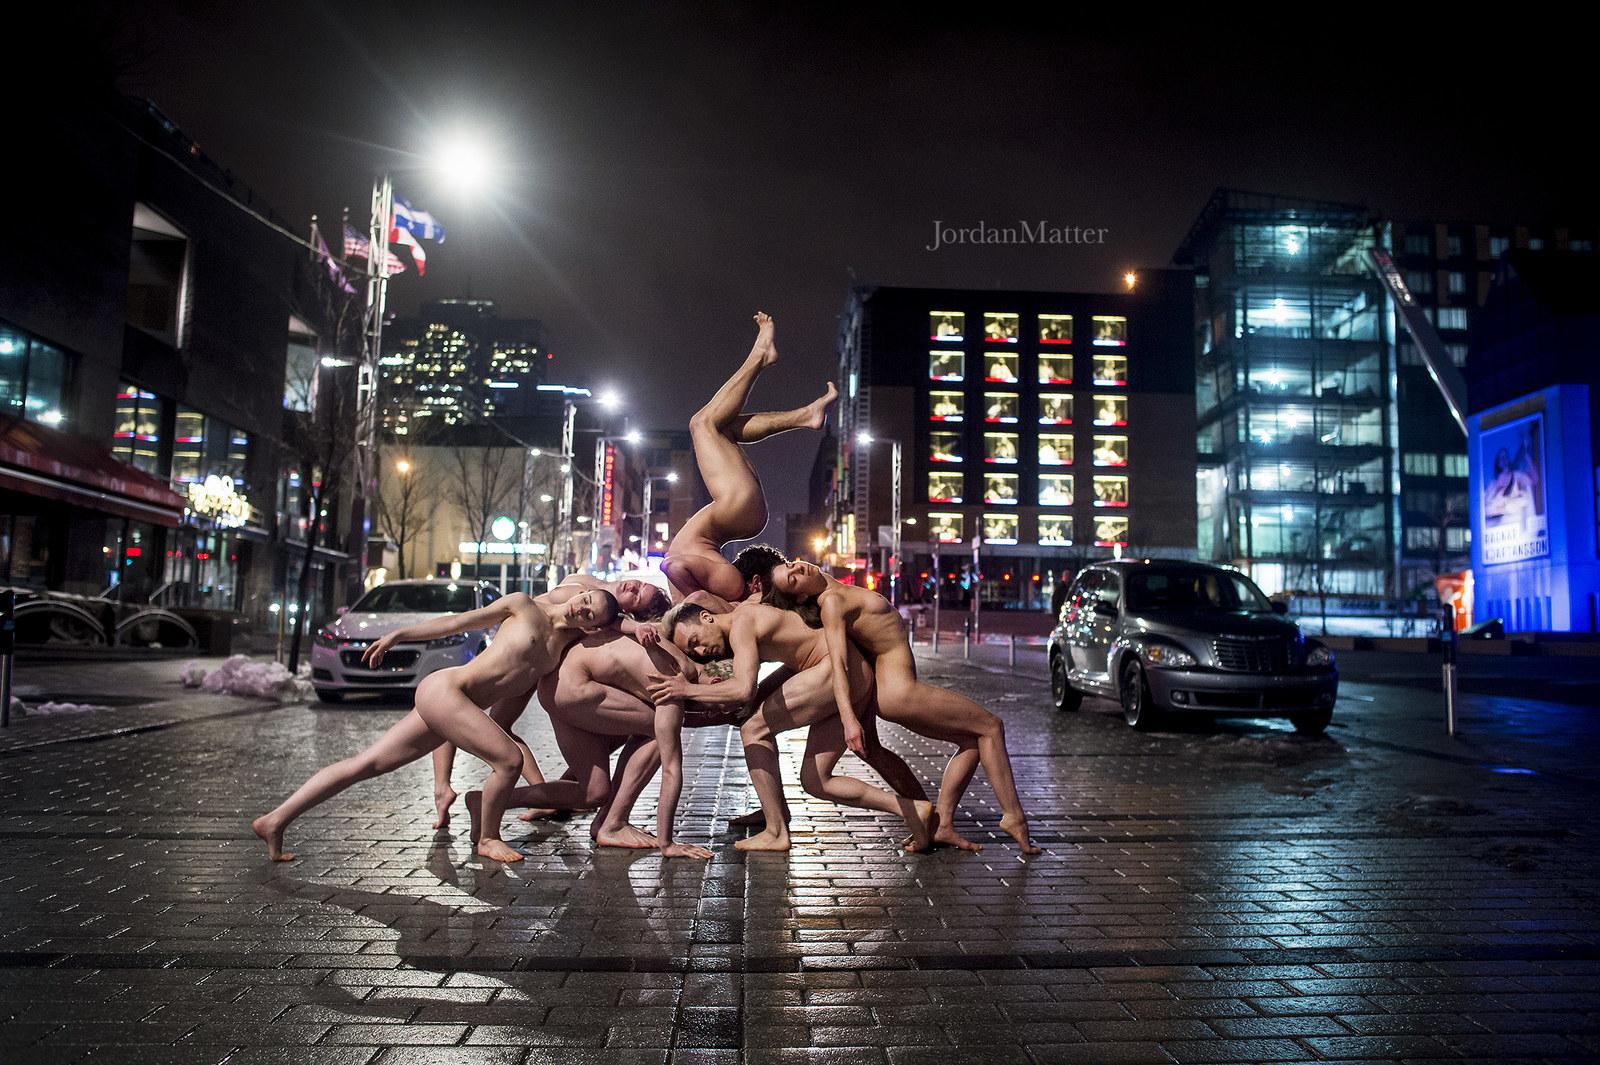 Балерины голые танцуют